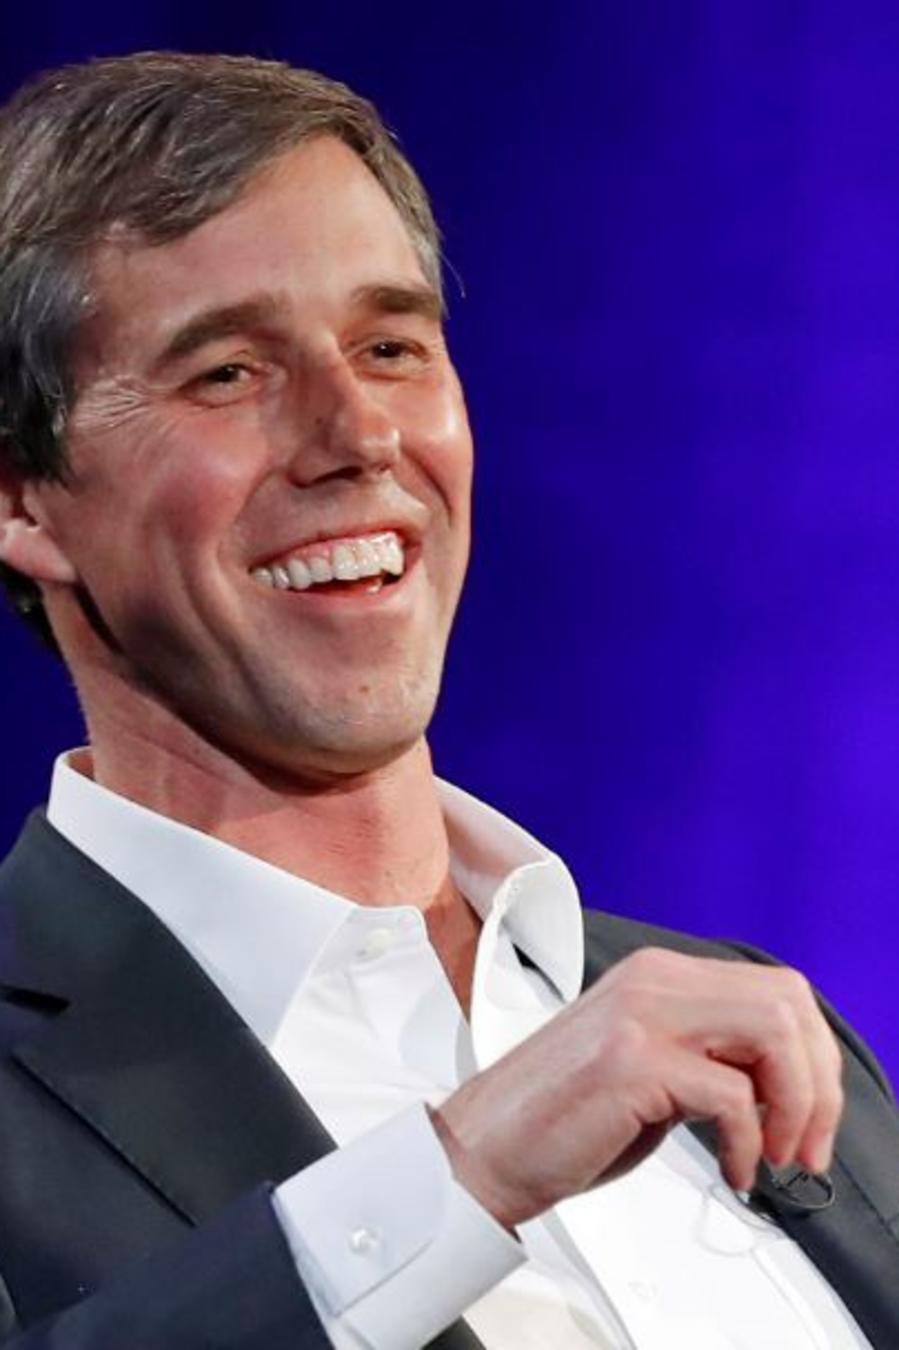 El candidato a las primarias demócratas Beto O'Rourke en una imagen de archivo.